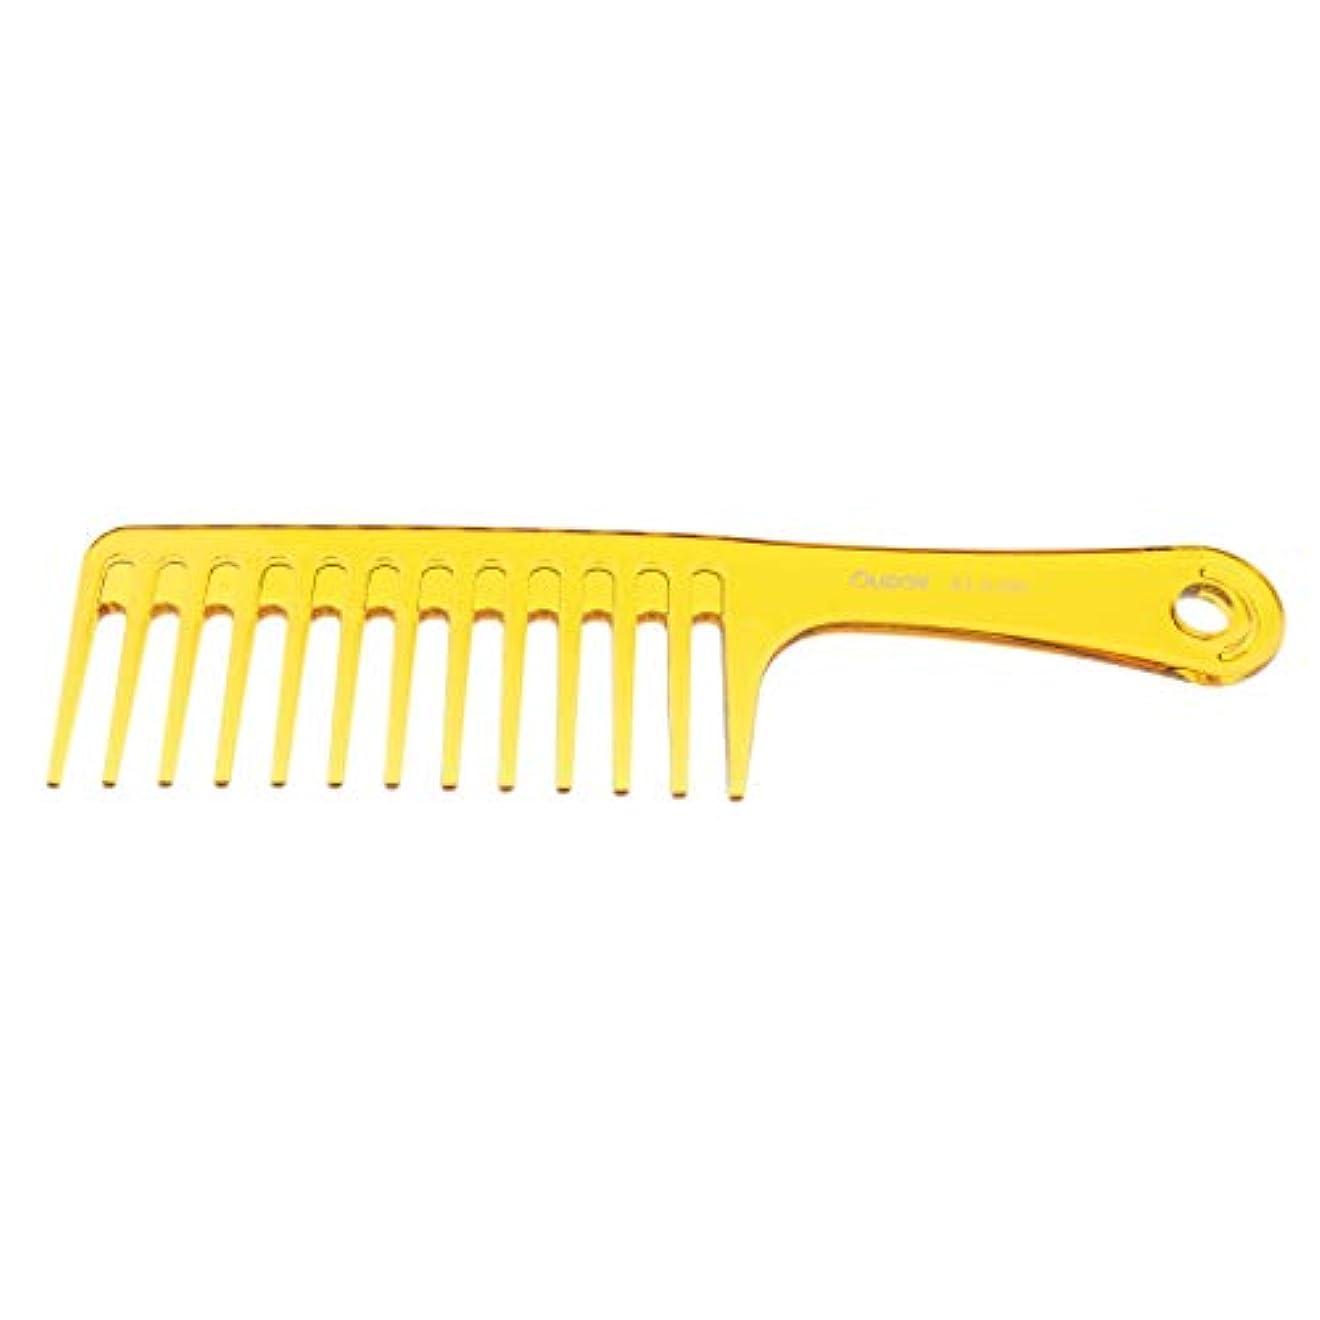 Toygogo 幅広の歯のもつれ櫛サロンシャンプーヘアブラシくし、ハンドル付き巻き毛、9.7インチ